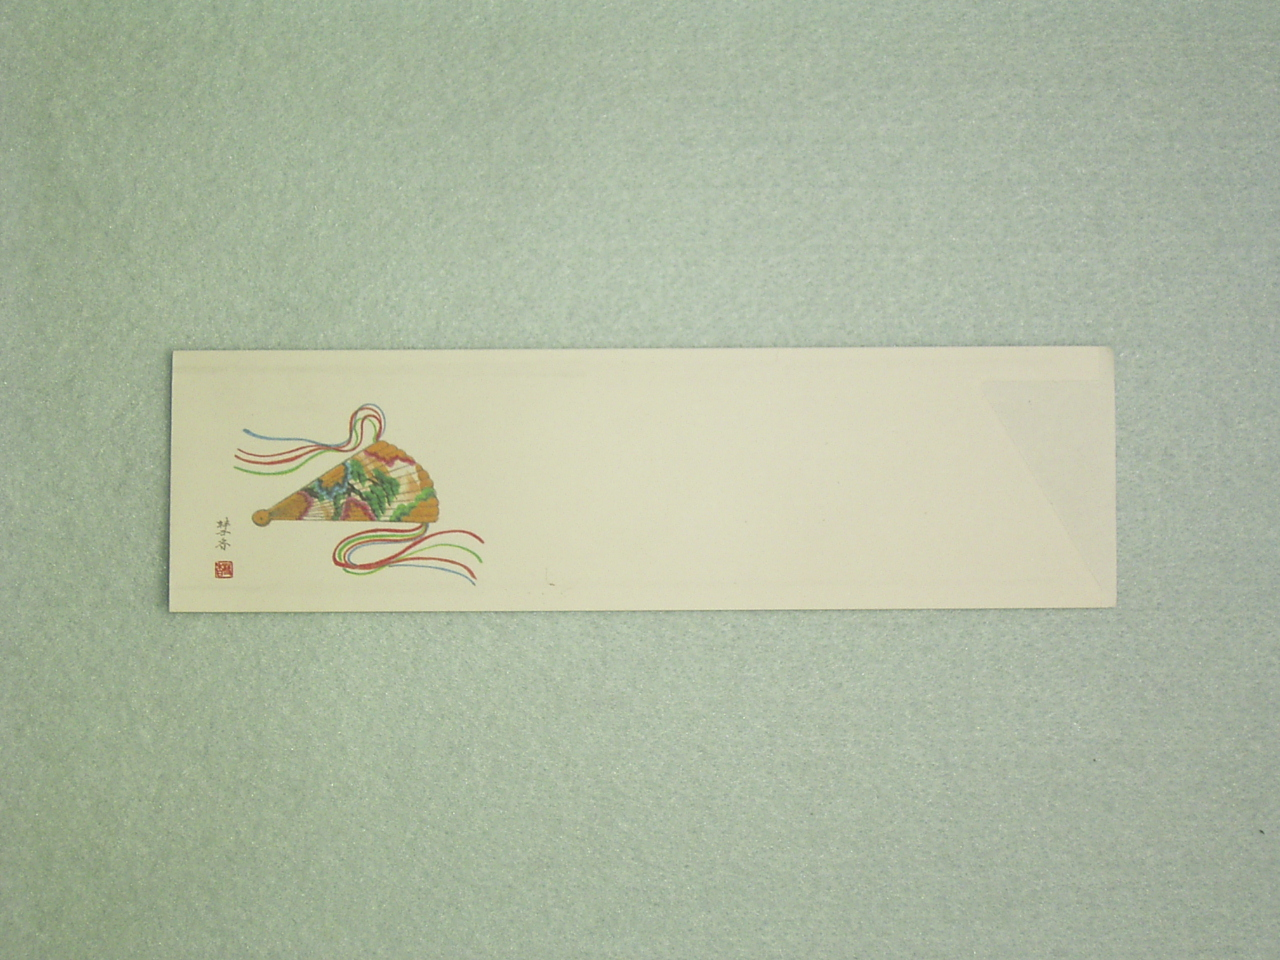 マルチカラー箸袋 既製柄 No.1絵扇 ハカマサイズ 10,000枚